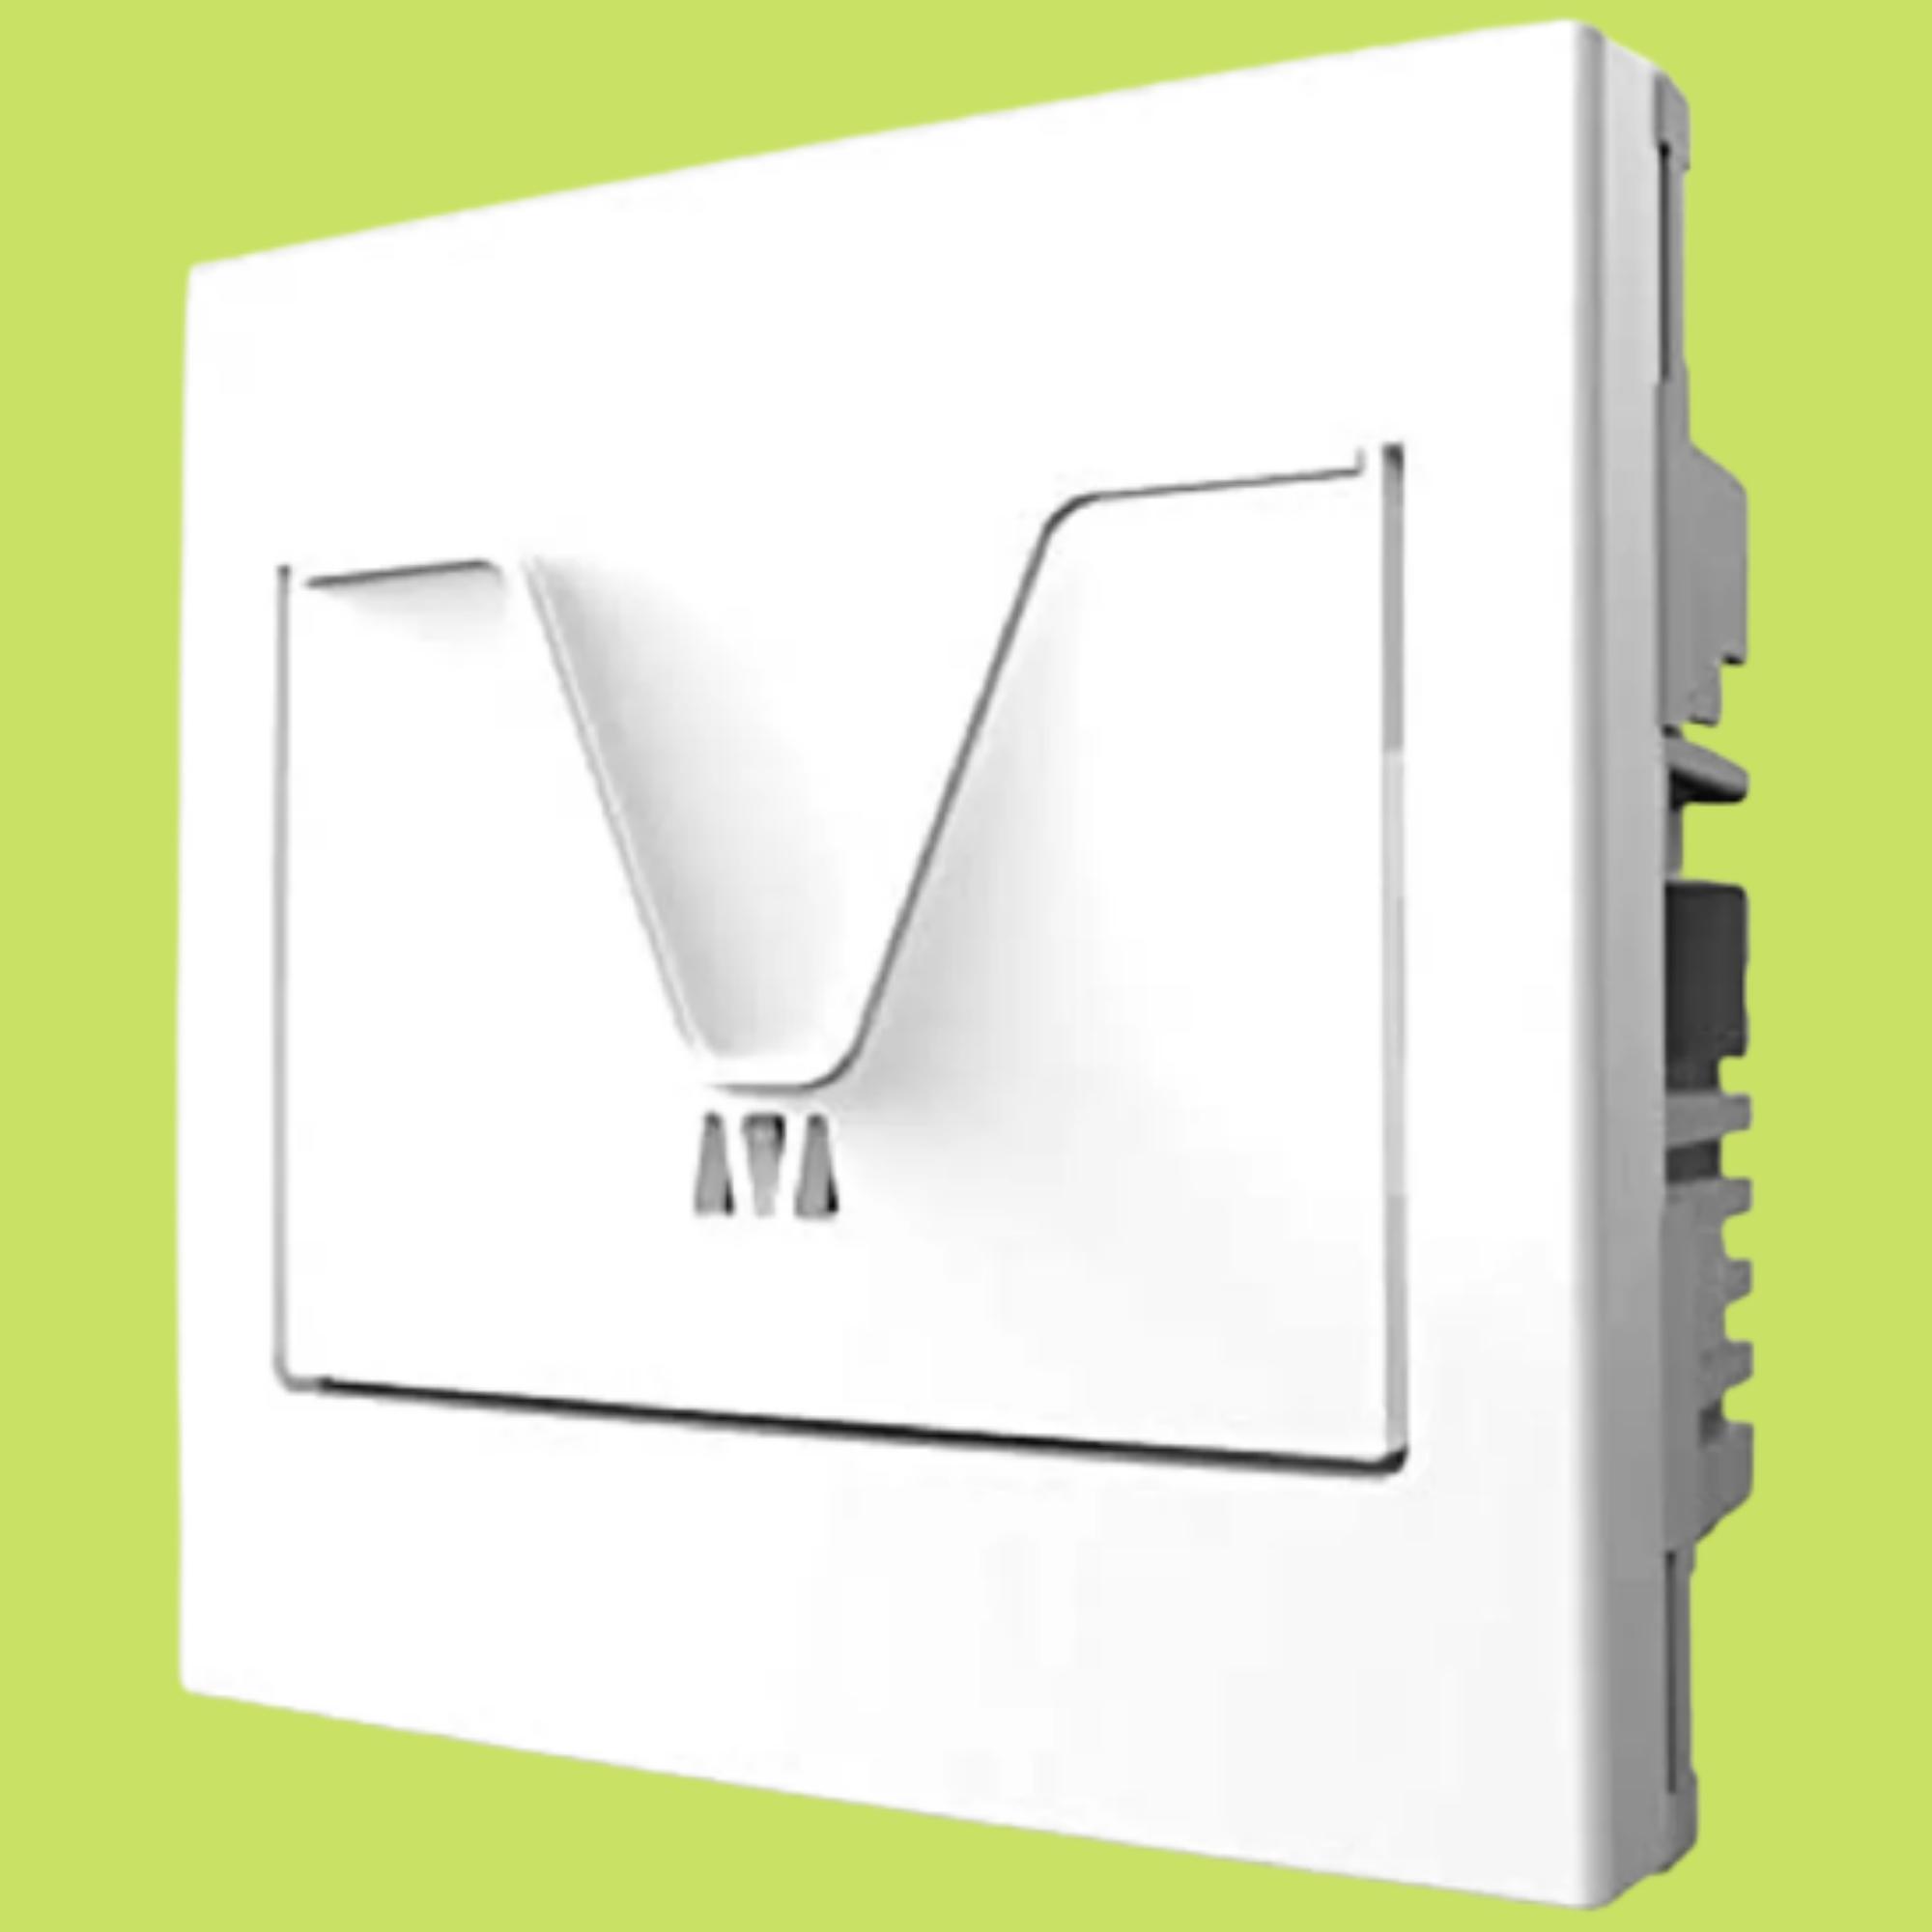 Inova Pró Módulo de Ventilador 600w 220v